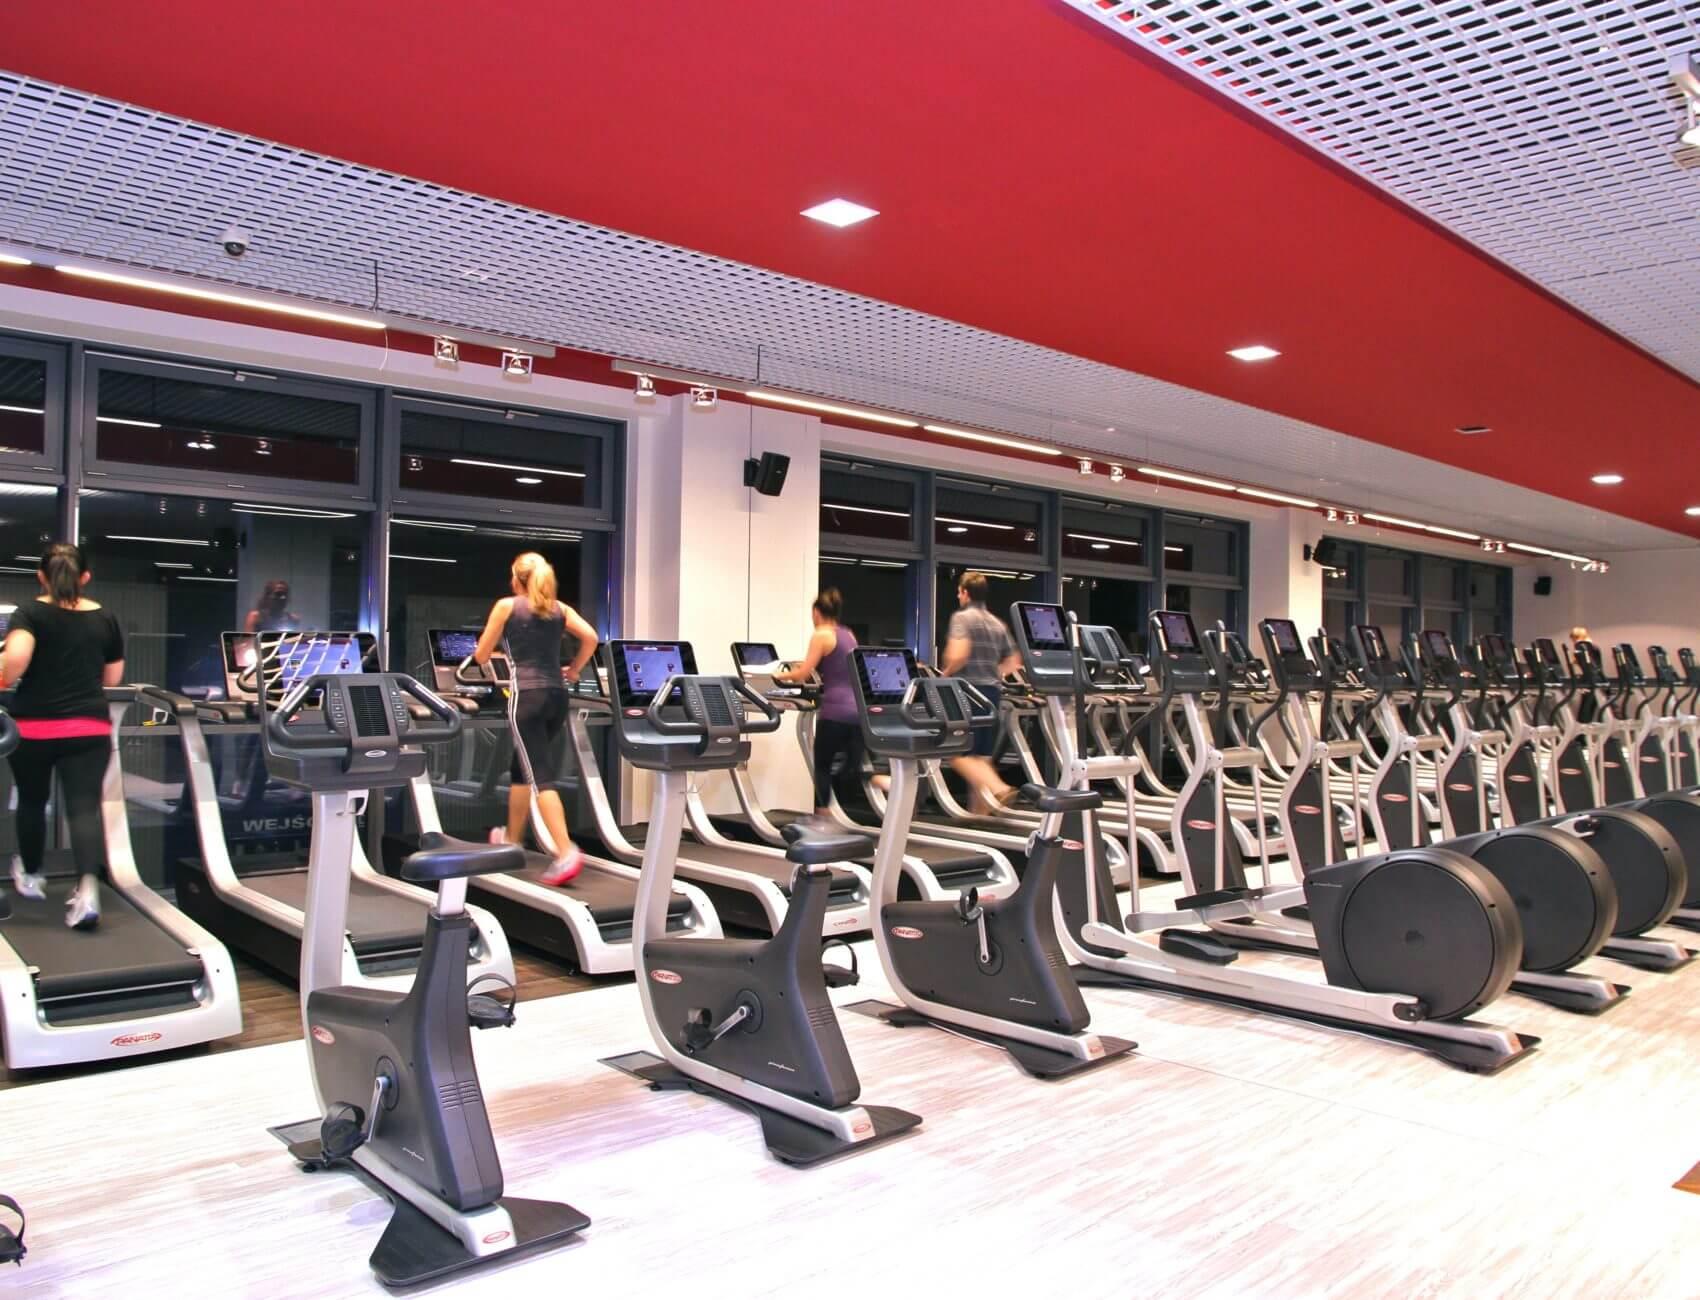 Galerie echipamente fitness 2018 - 3